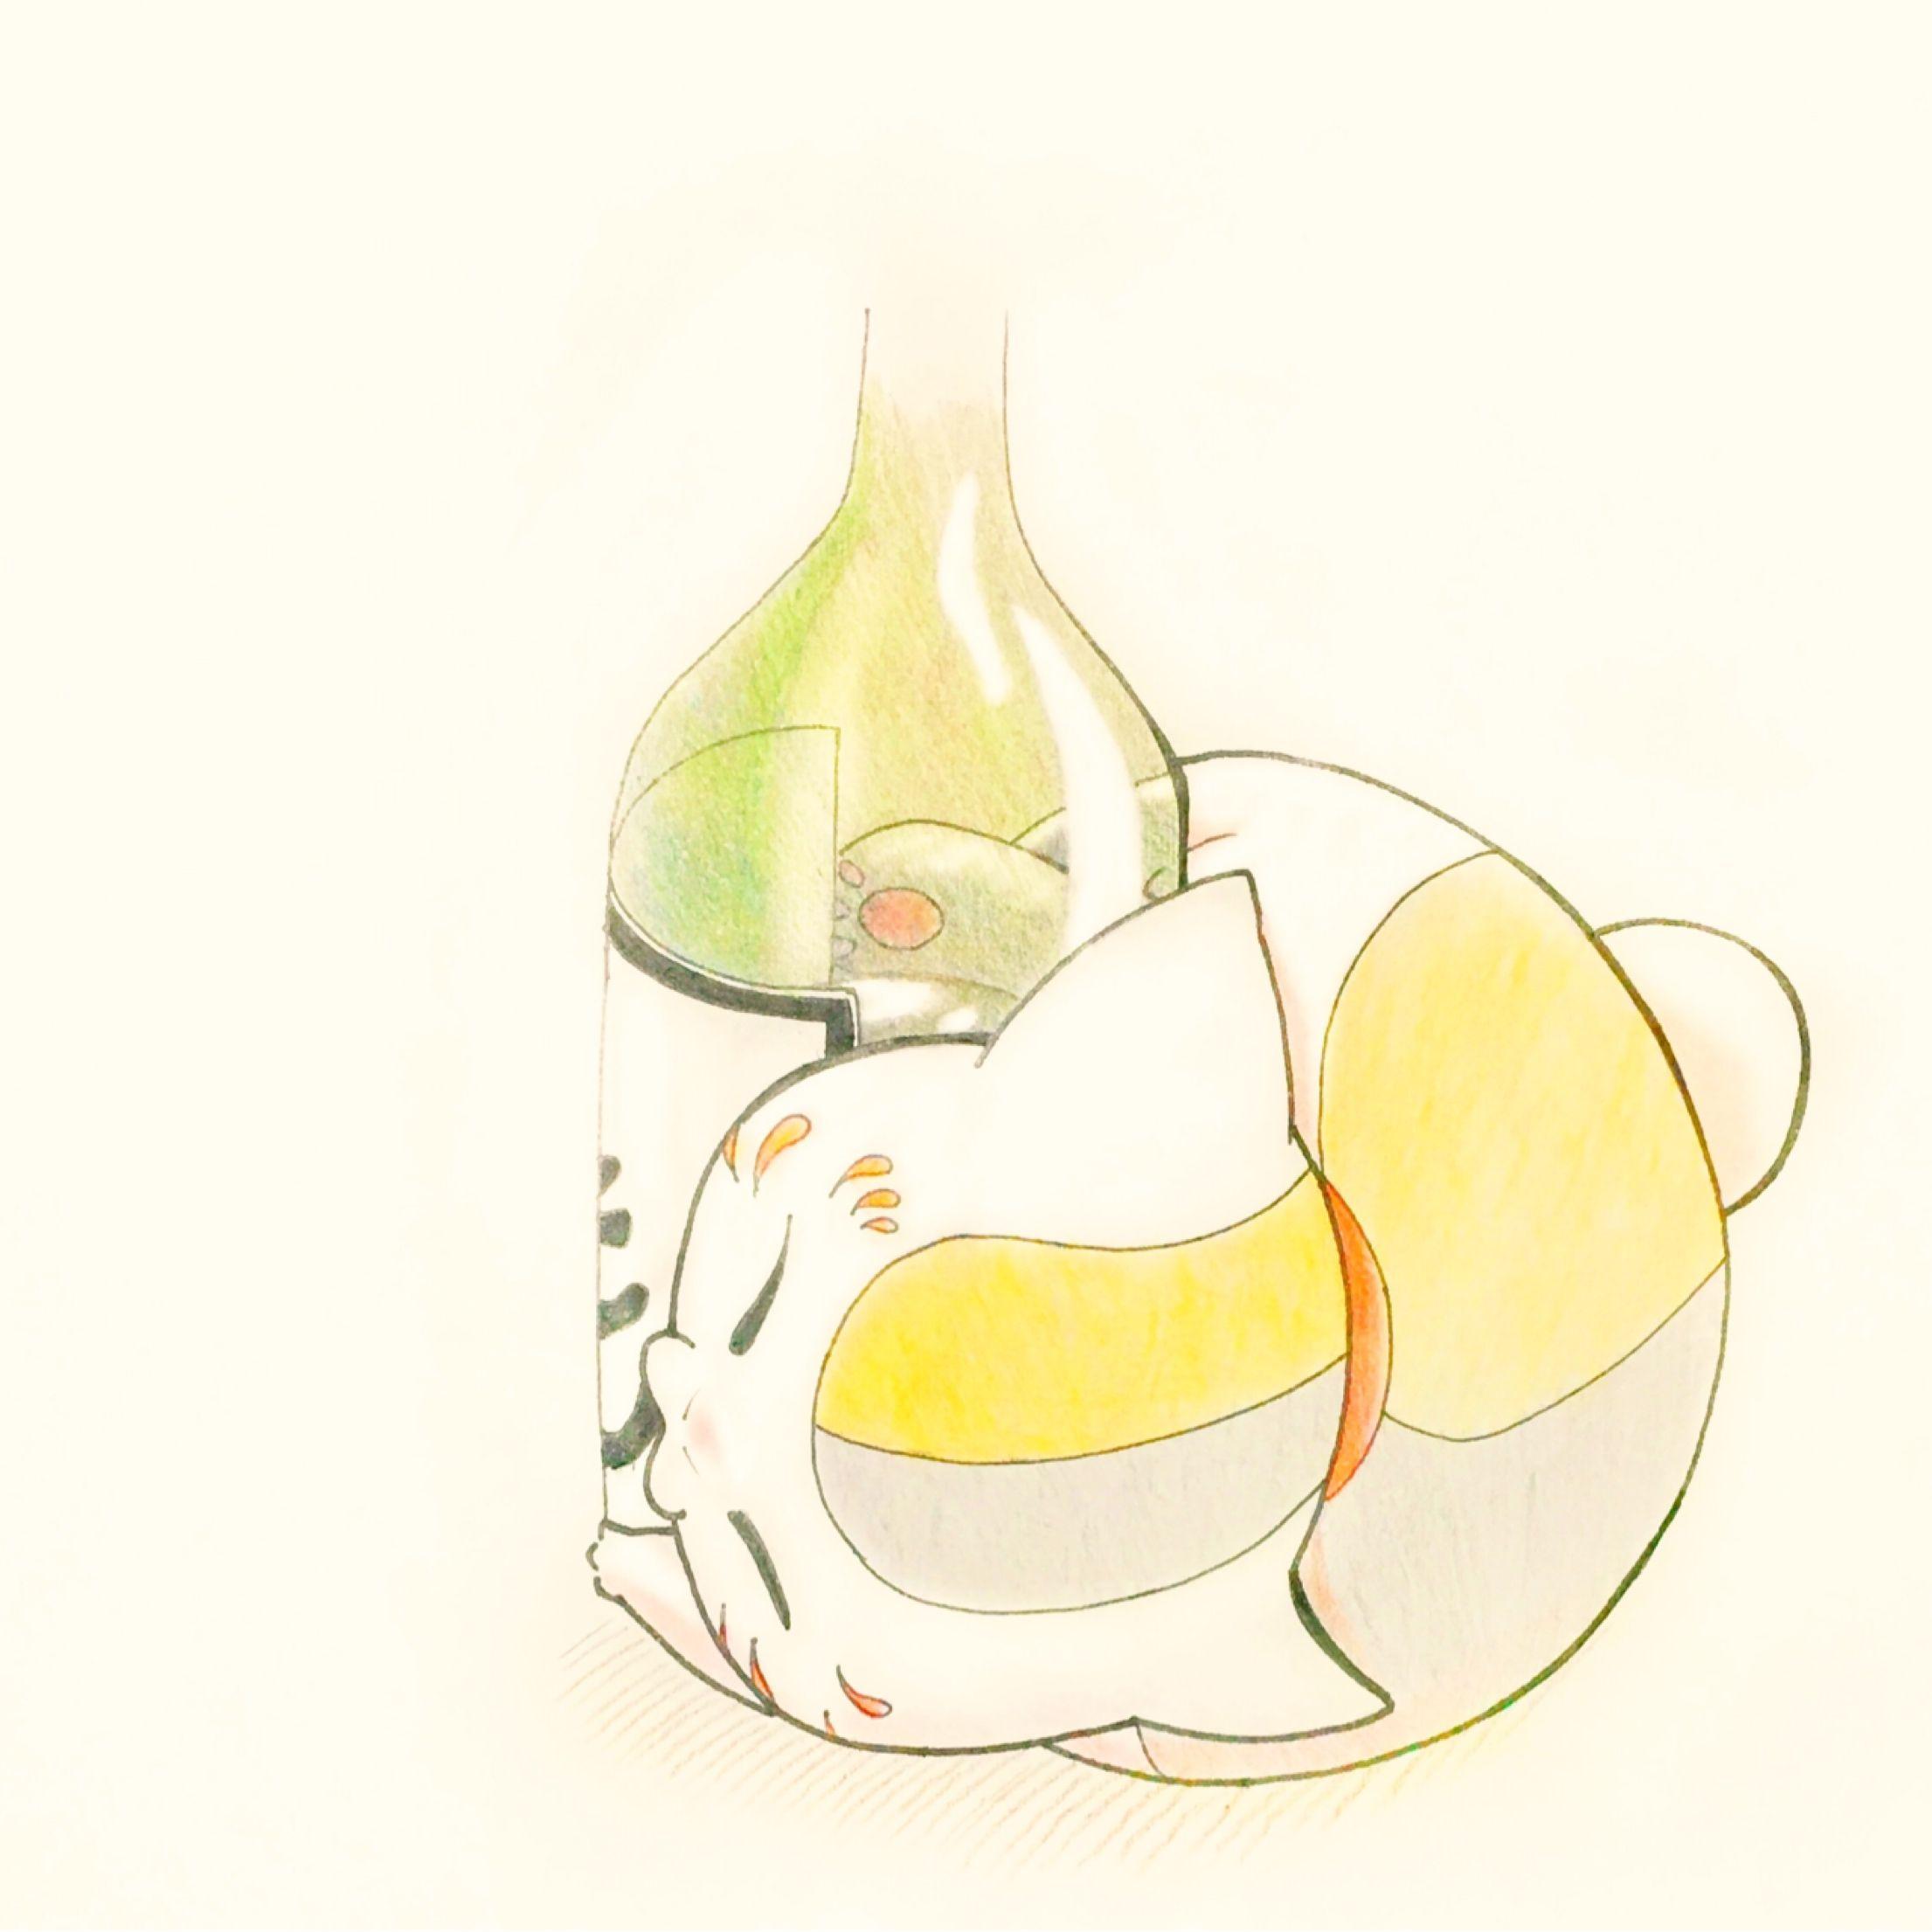 にゃんこ先生 酒ビンver 夏目友人帳 アニメ にゃんこ先生 夏目友人帳 イラスト